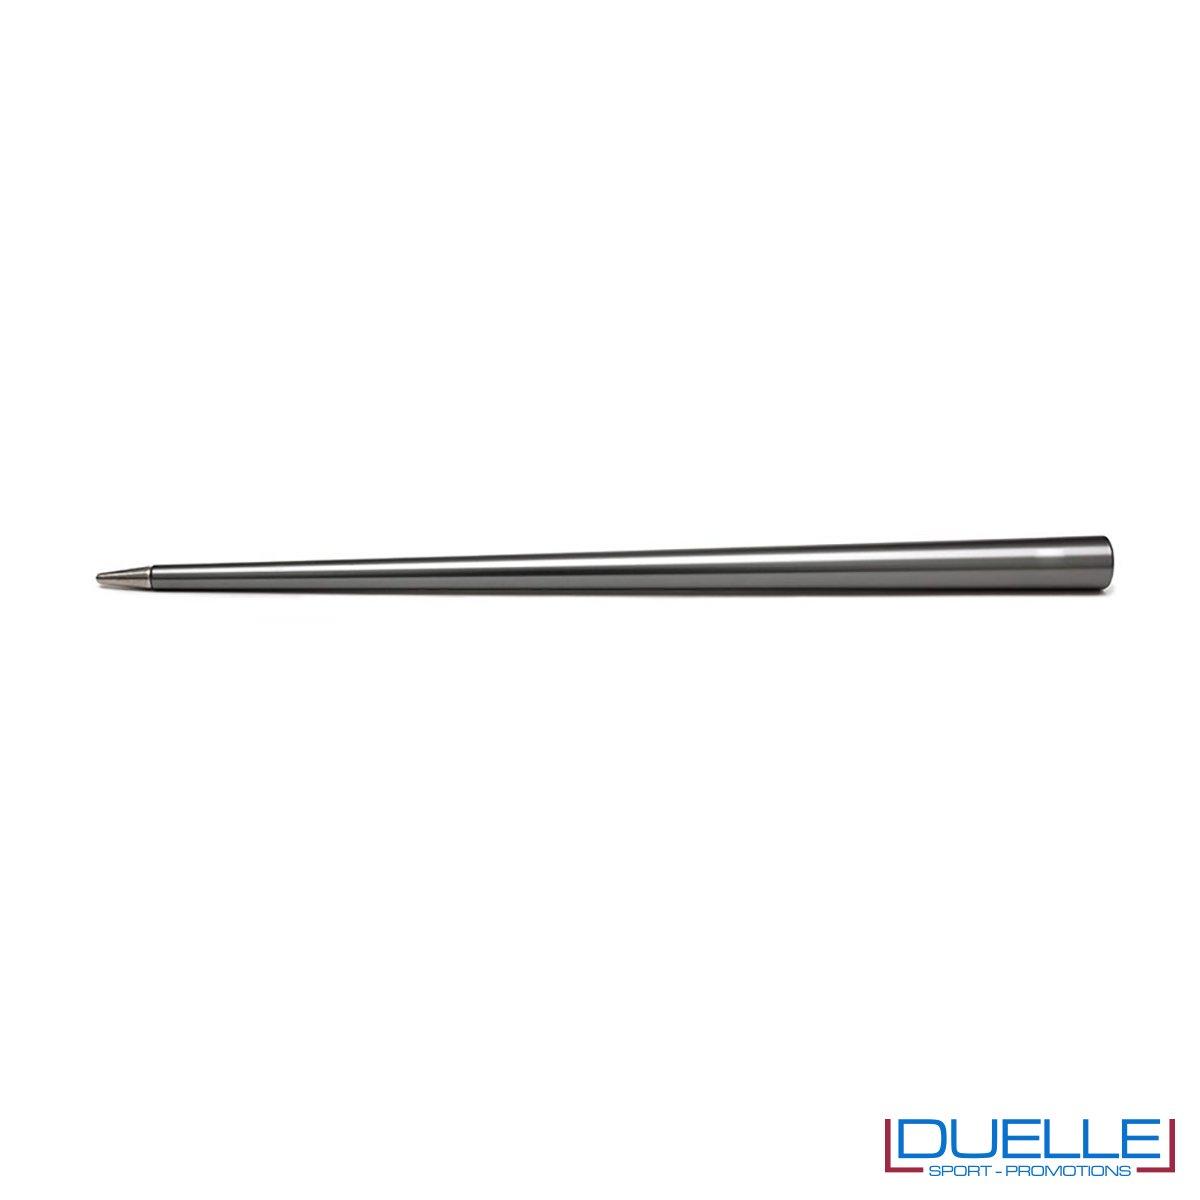 matita infinita personalizzata in colore titanio, matita infinita 4ever promozionale in colore titanio